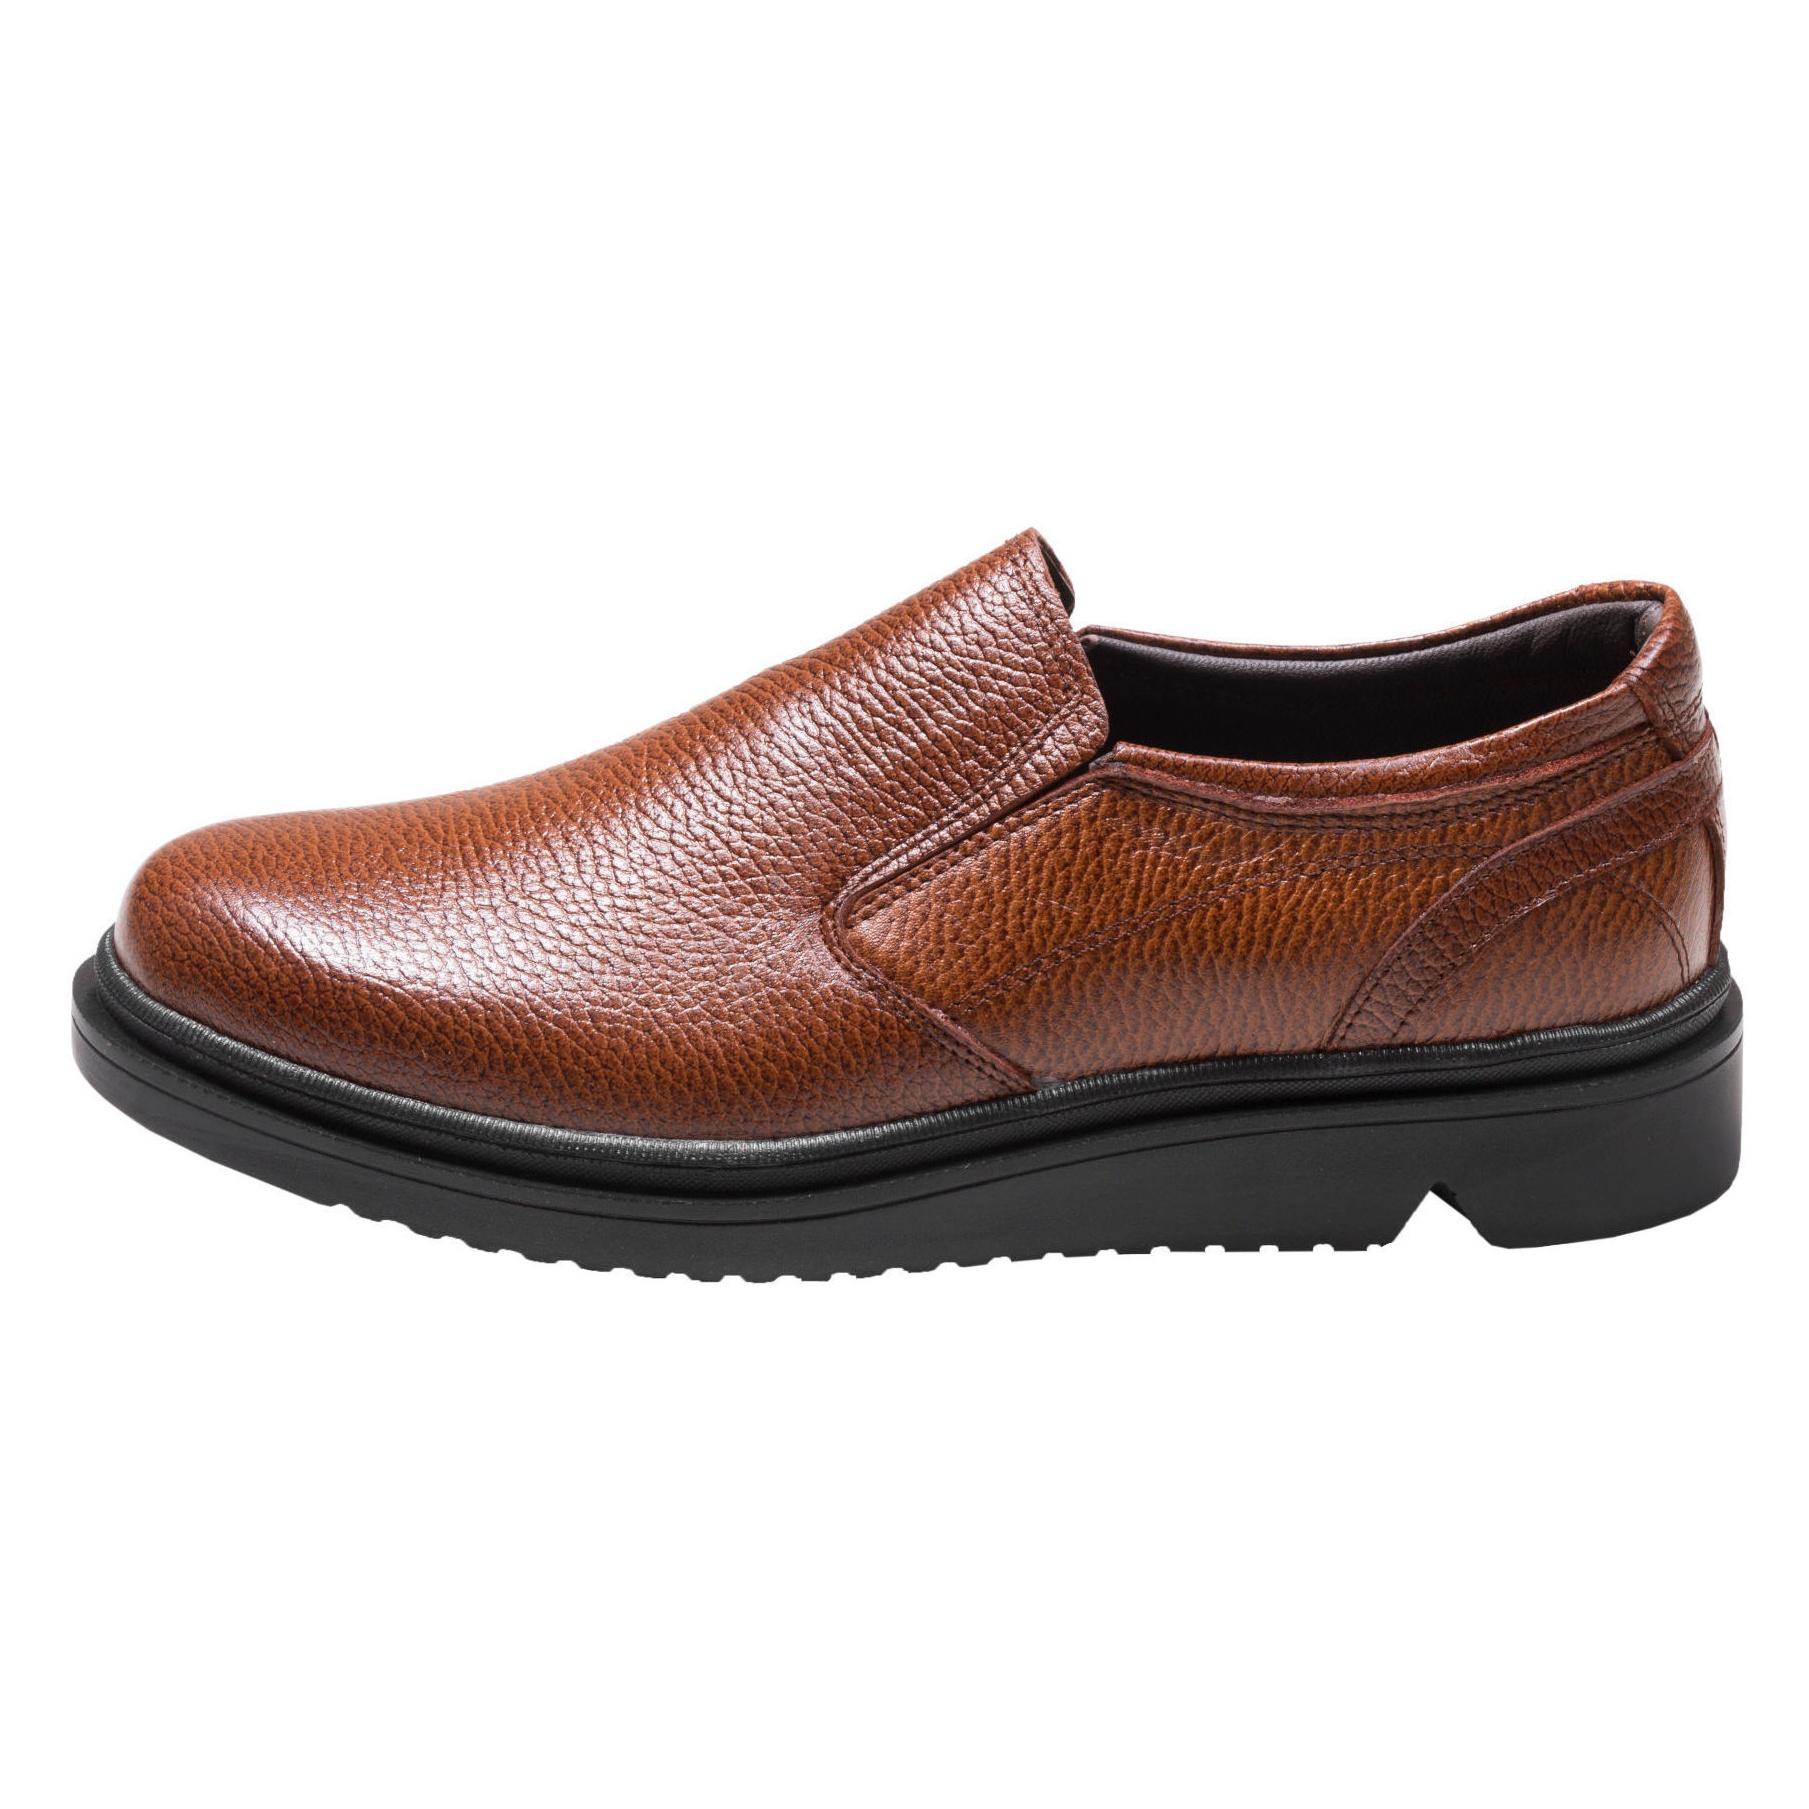 کفش روزمره مردانه سی سی مدل سانتا کد 1405.1209